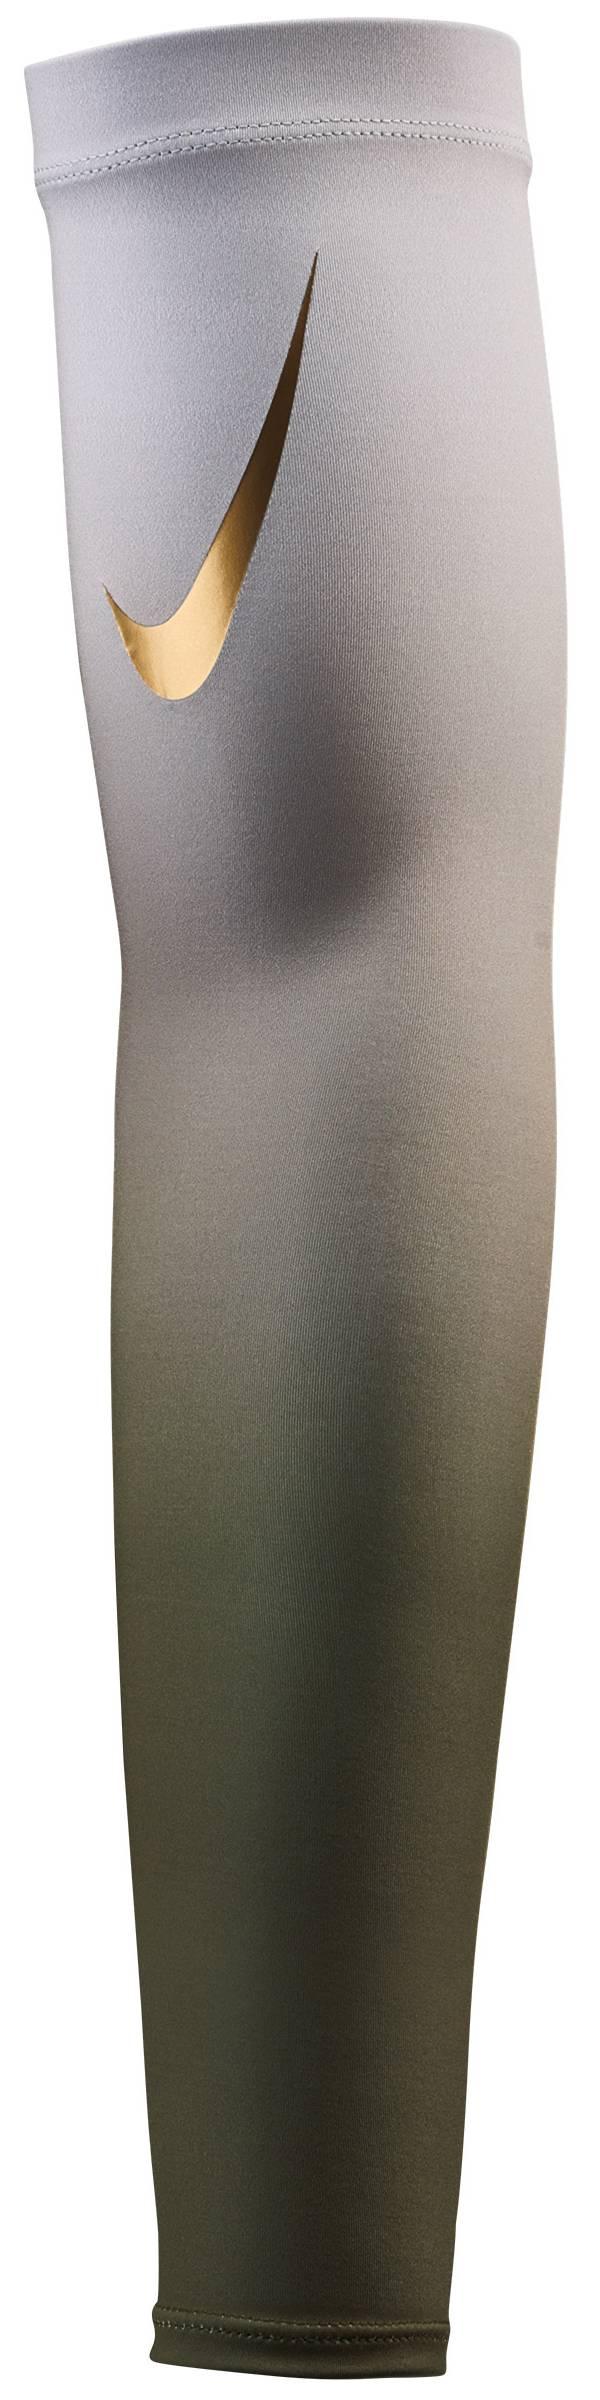 Nike Adult Pro Vapor Knit Fade Sleeve product image